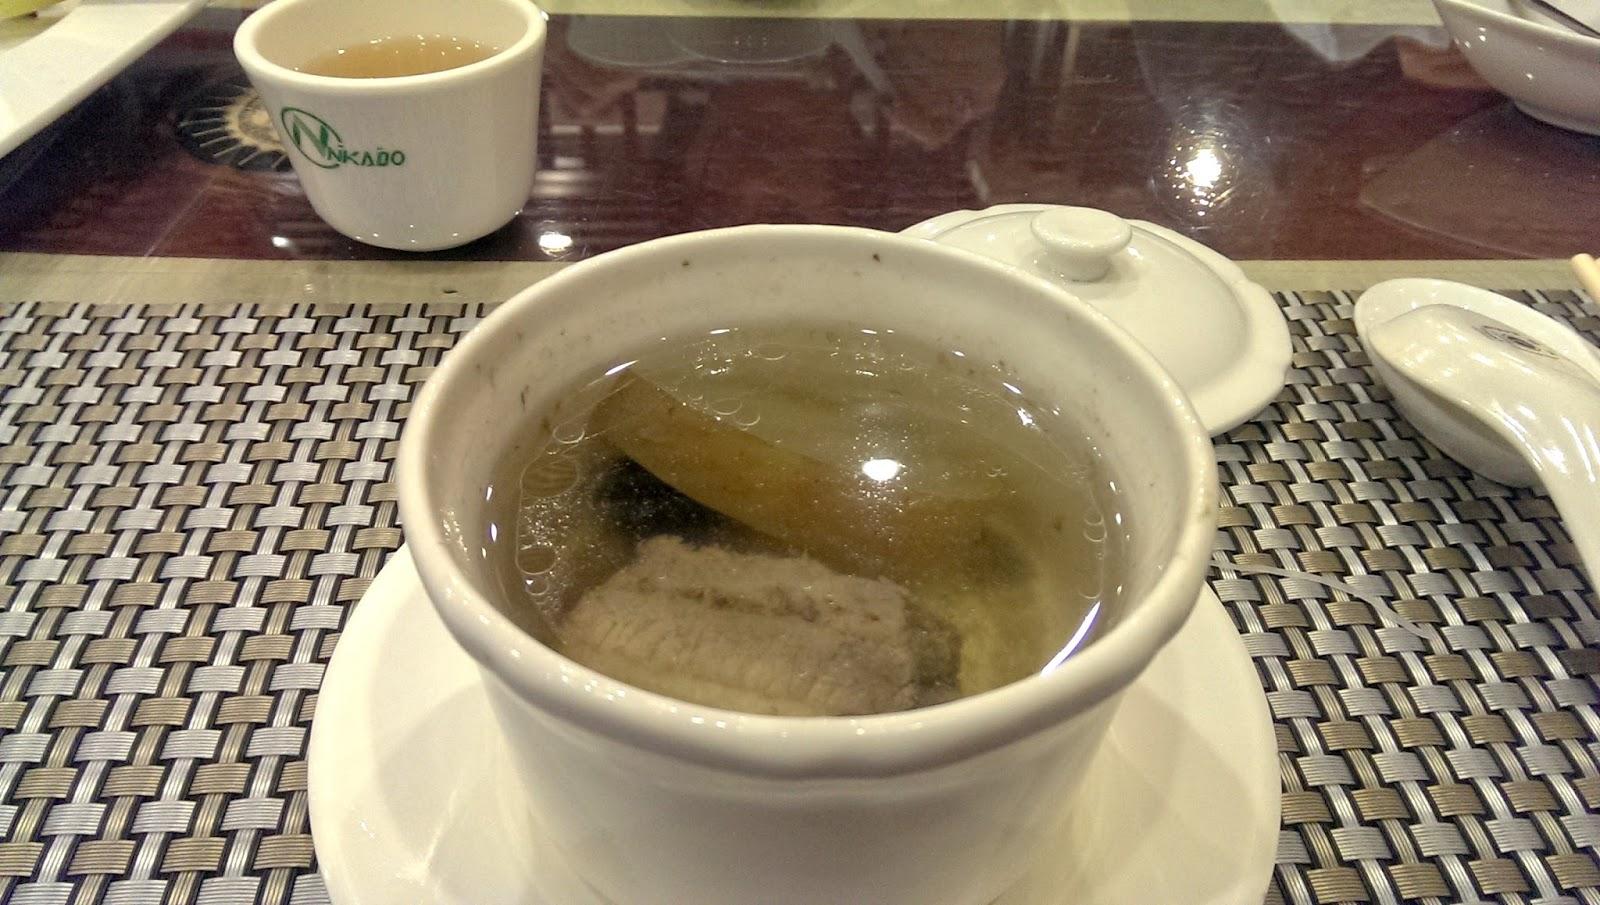 2015 07 13%2B20.30.21 - [食記] 二階堂懷石料理 - 令人不知所措的老日式料理